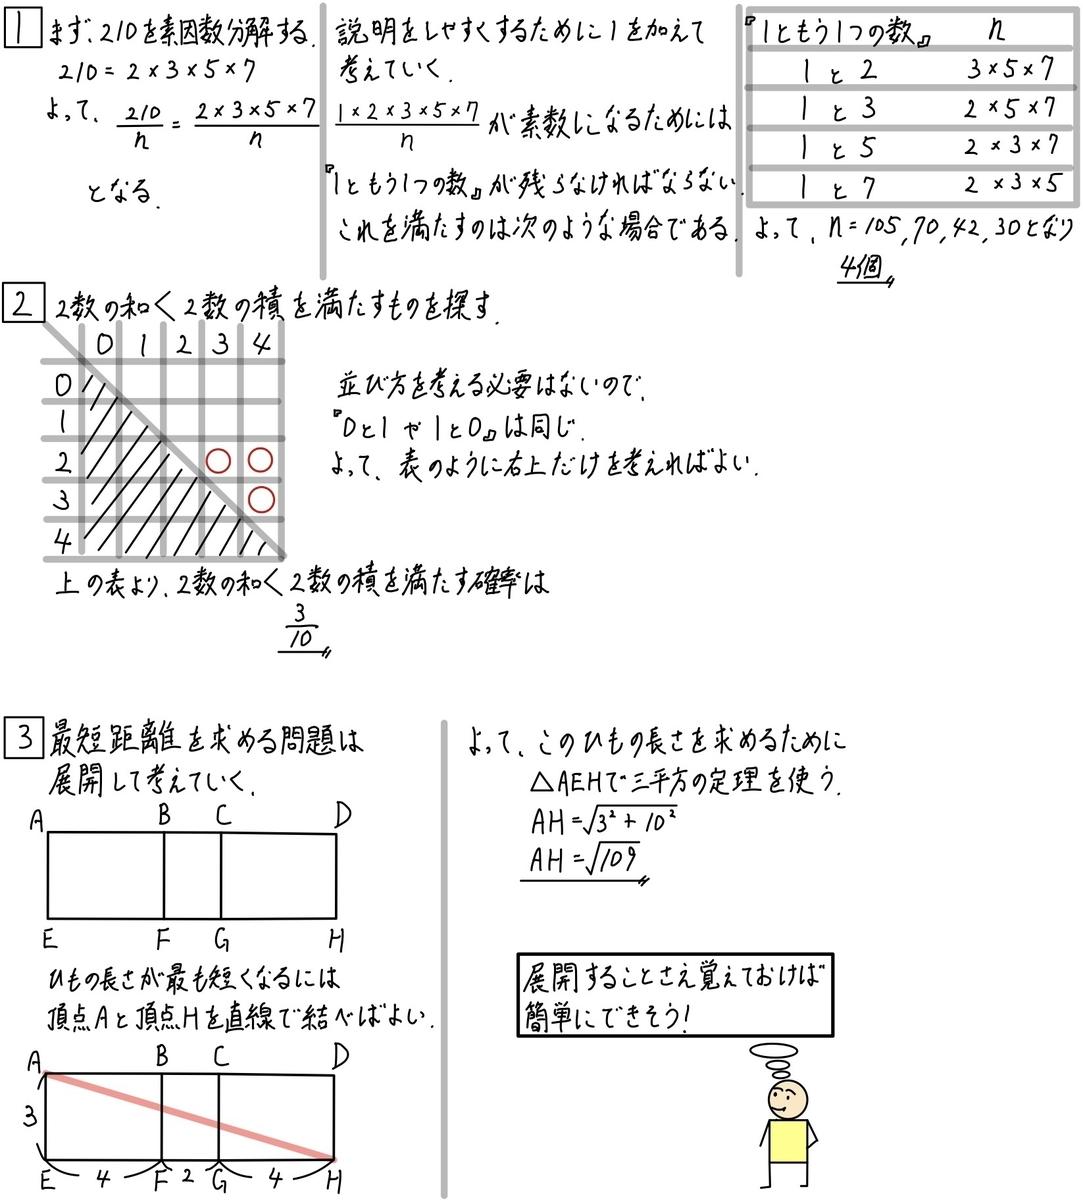 偏差値50突破への道No.14